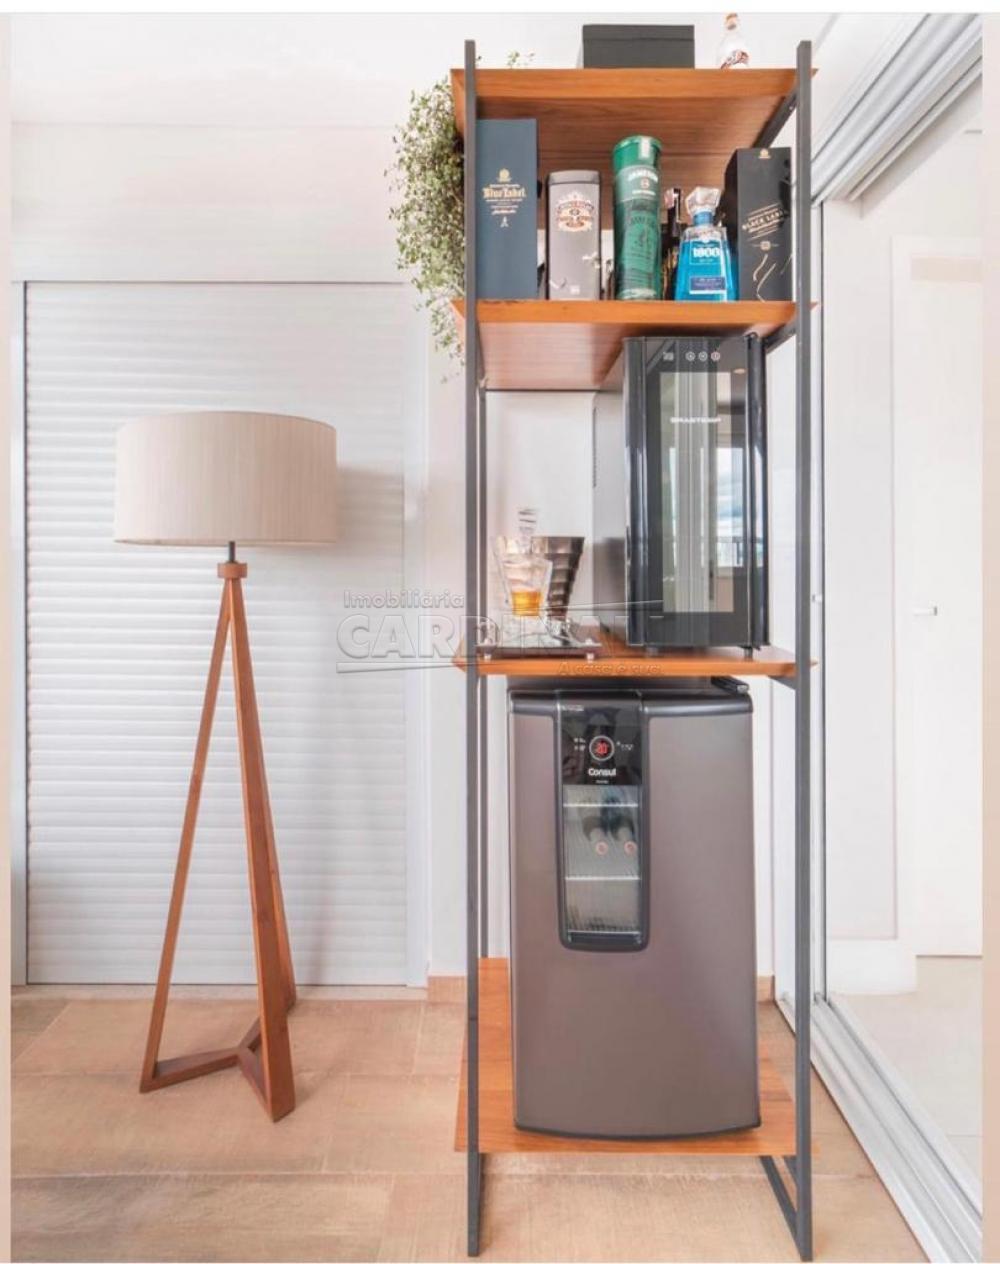 Comprar Apartamento / Padrão em São Carlos apenas R$ 980.000,00 - Foto 4